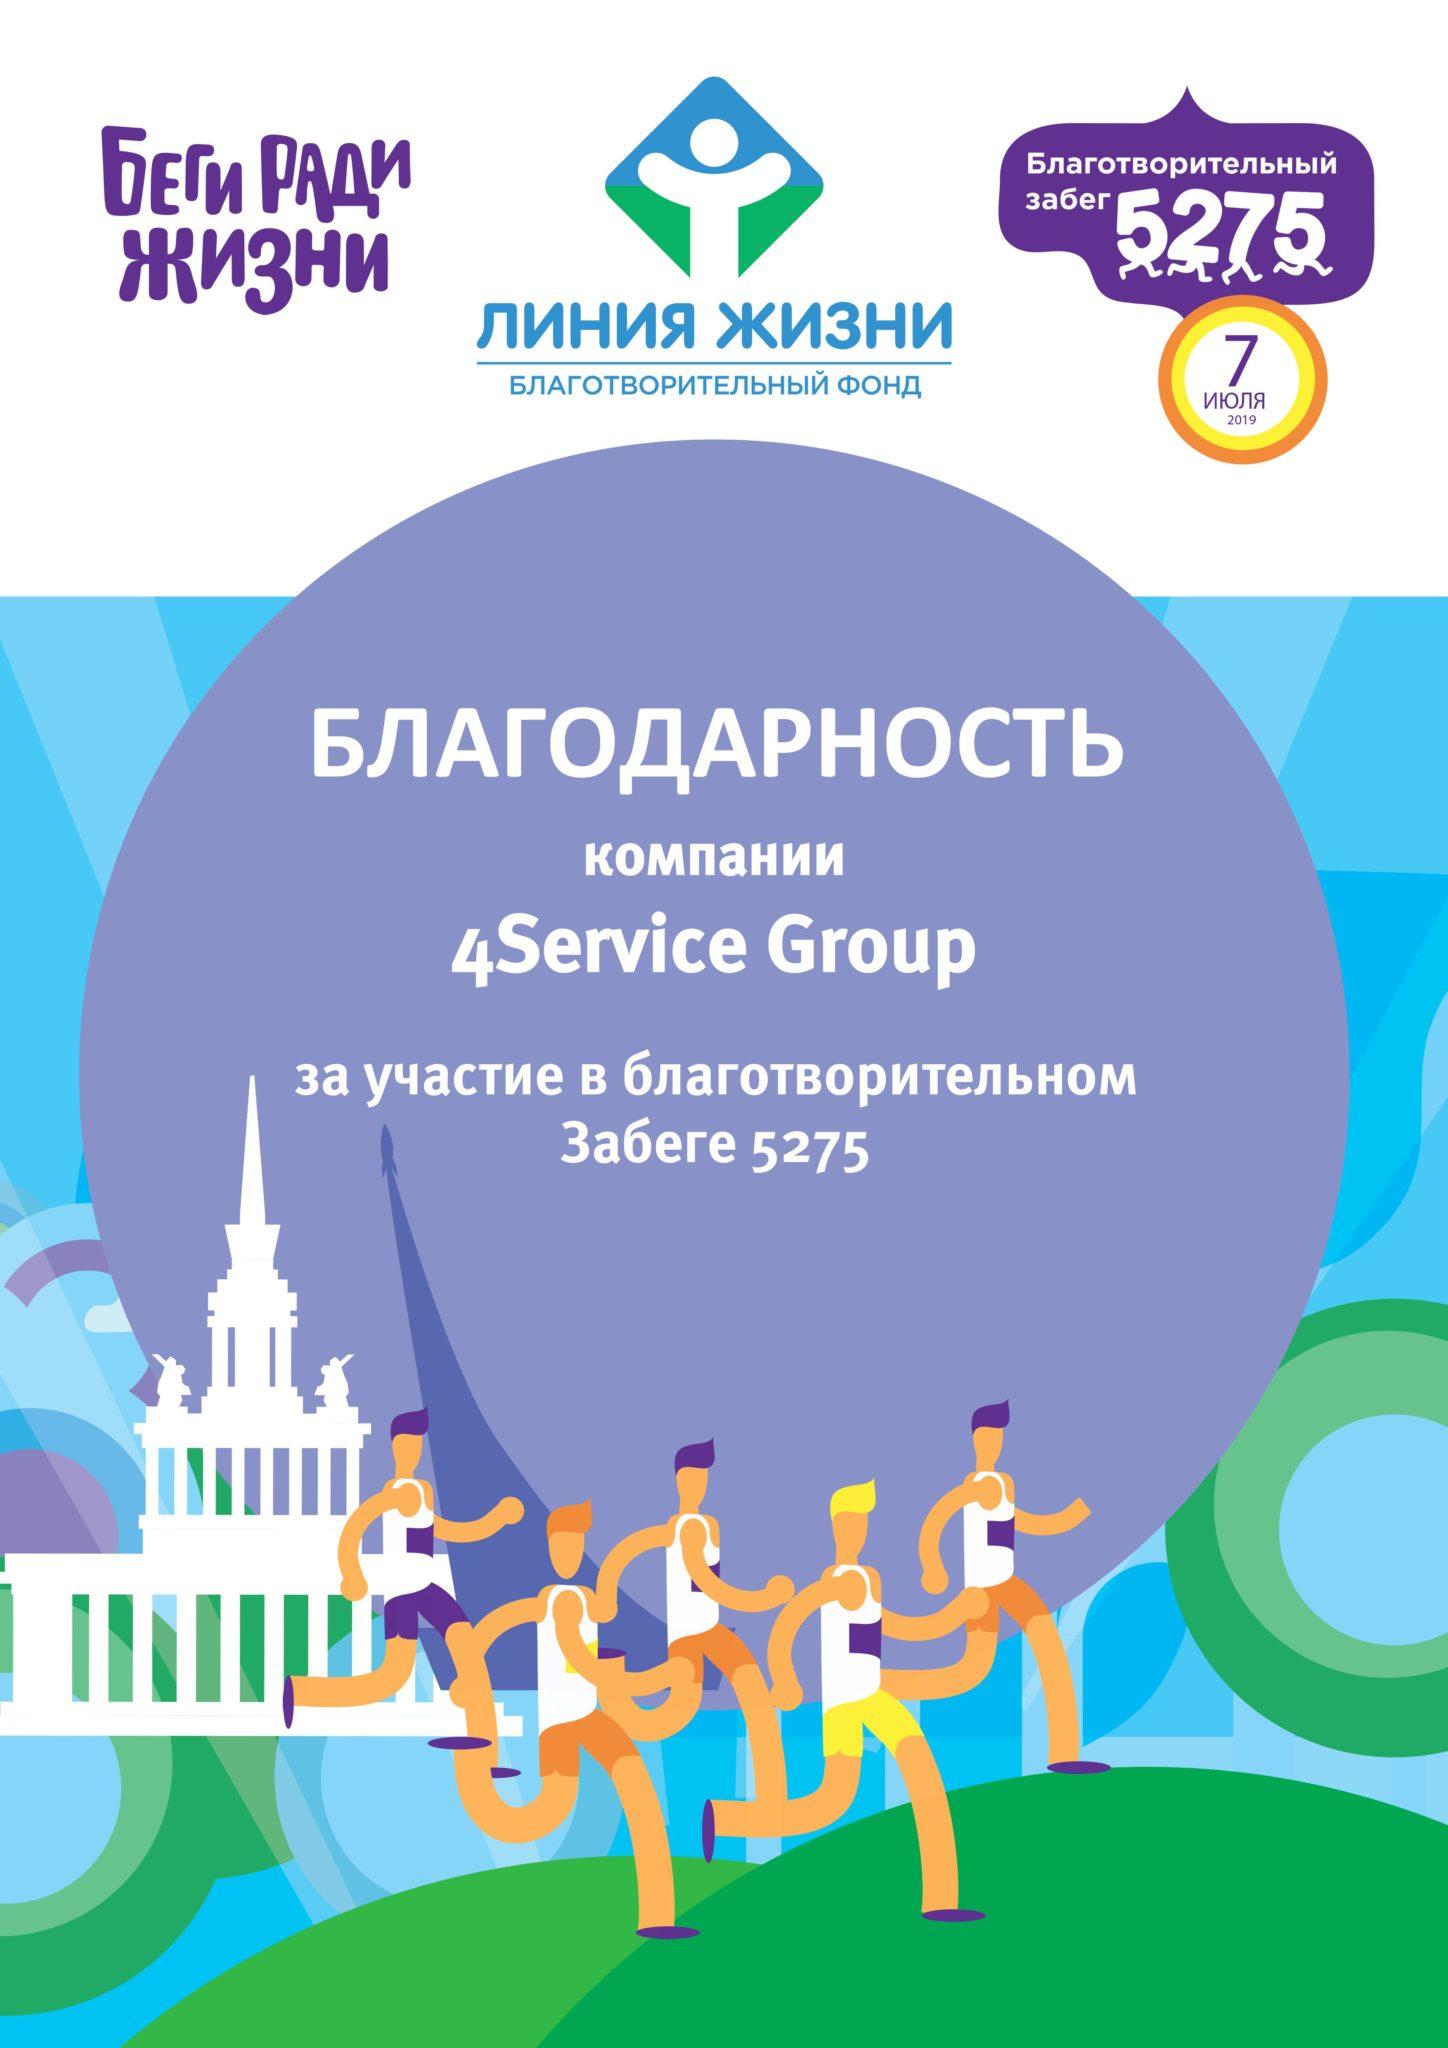 Благодарность компании 4Service Group за участие в благотворительном забеге